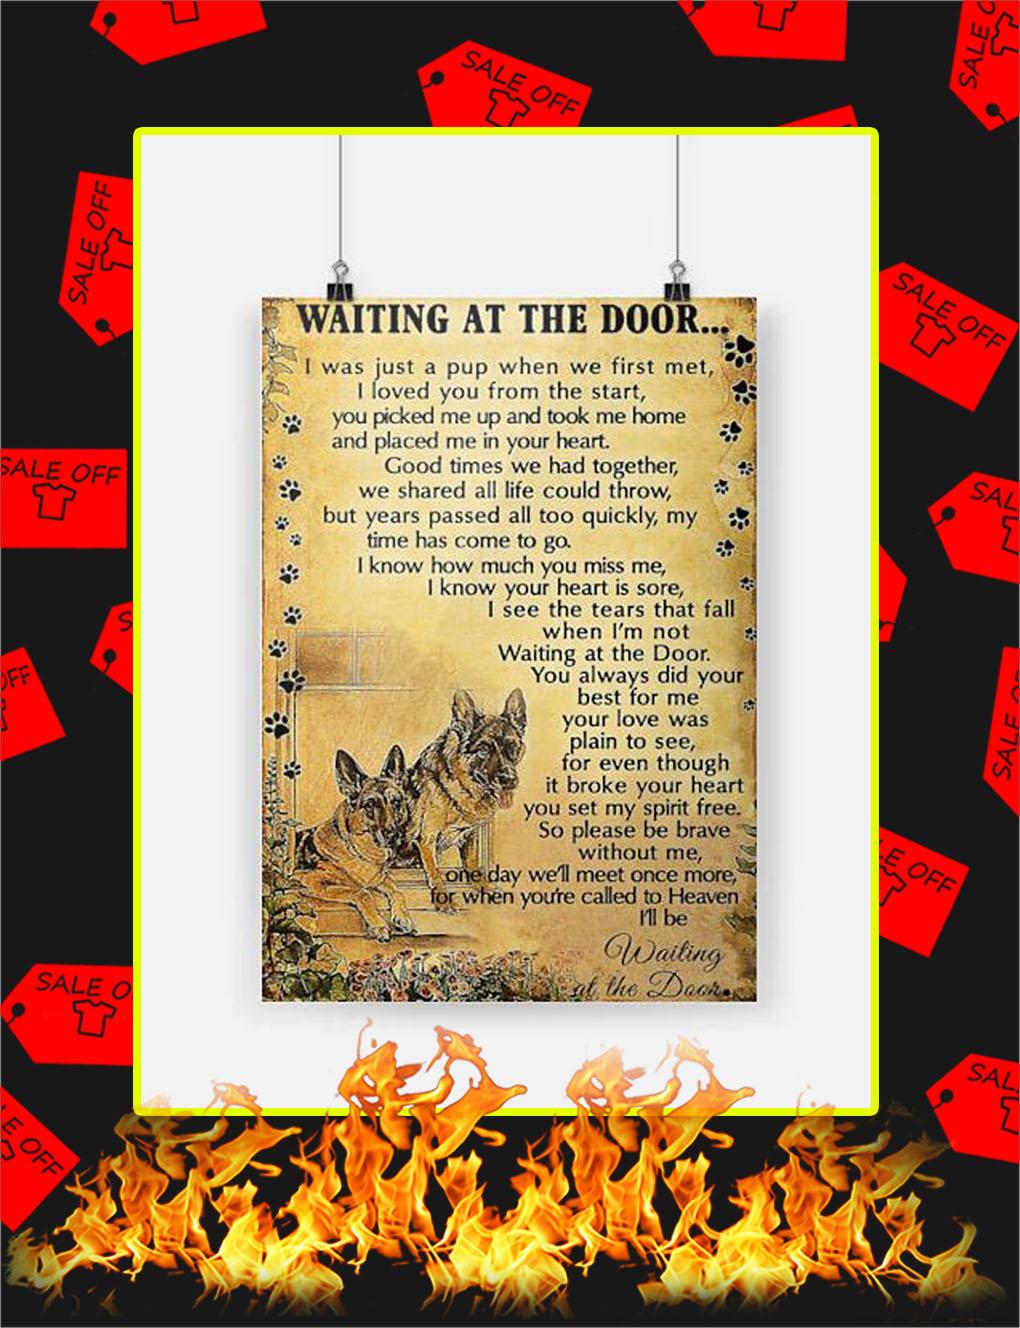 German Shepherd Waiting At The Door Poster - A2